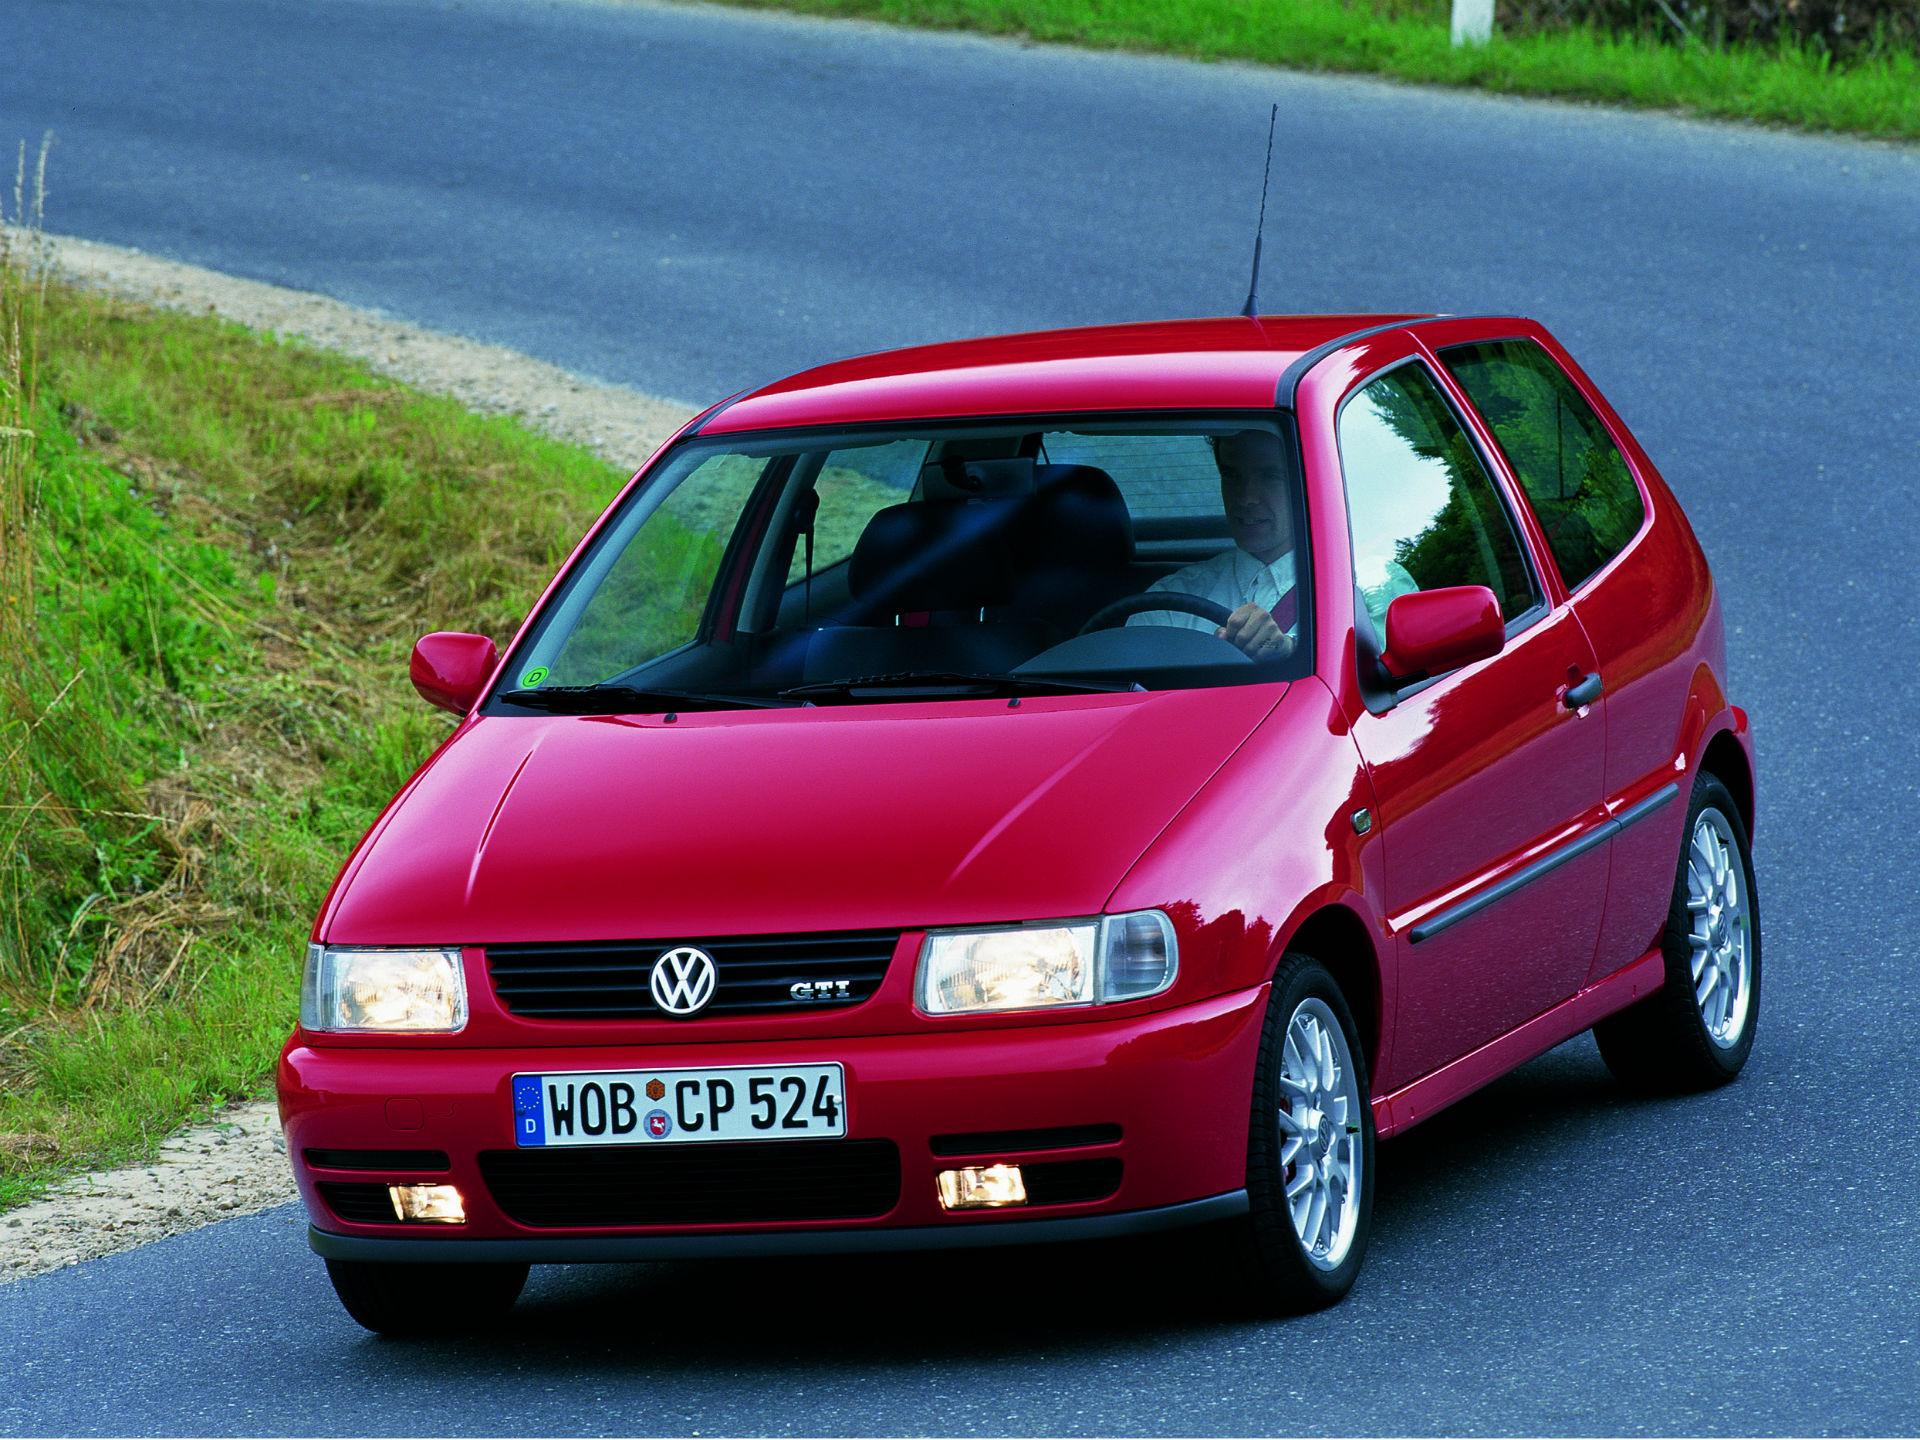 Con el cambio de generación, llegó asimismo cambio de carrocería. El Polo ahora se ofrecía en versión sedán y en otros mercados bajo filiales cual Seat. En México lo conocimos por primera vez con el nombre de Derby y Córdoba. Foto: Volkswagen